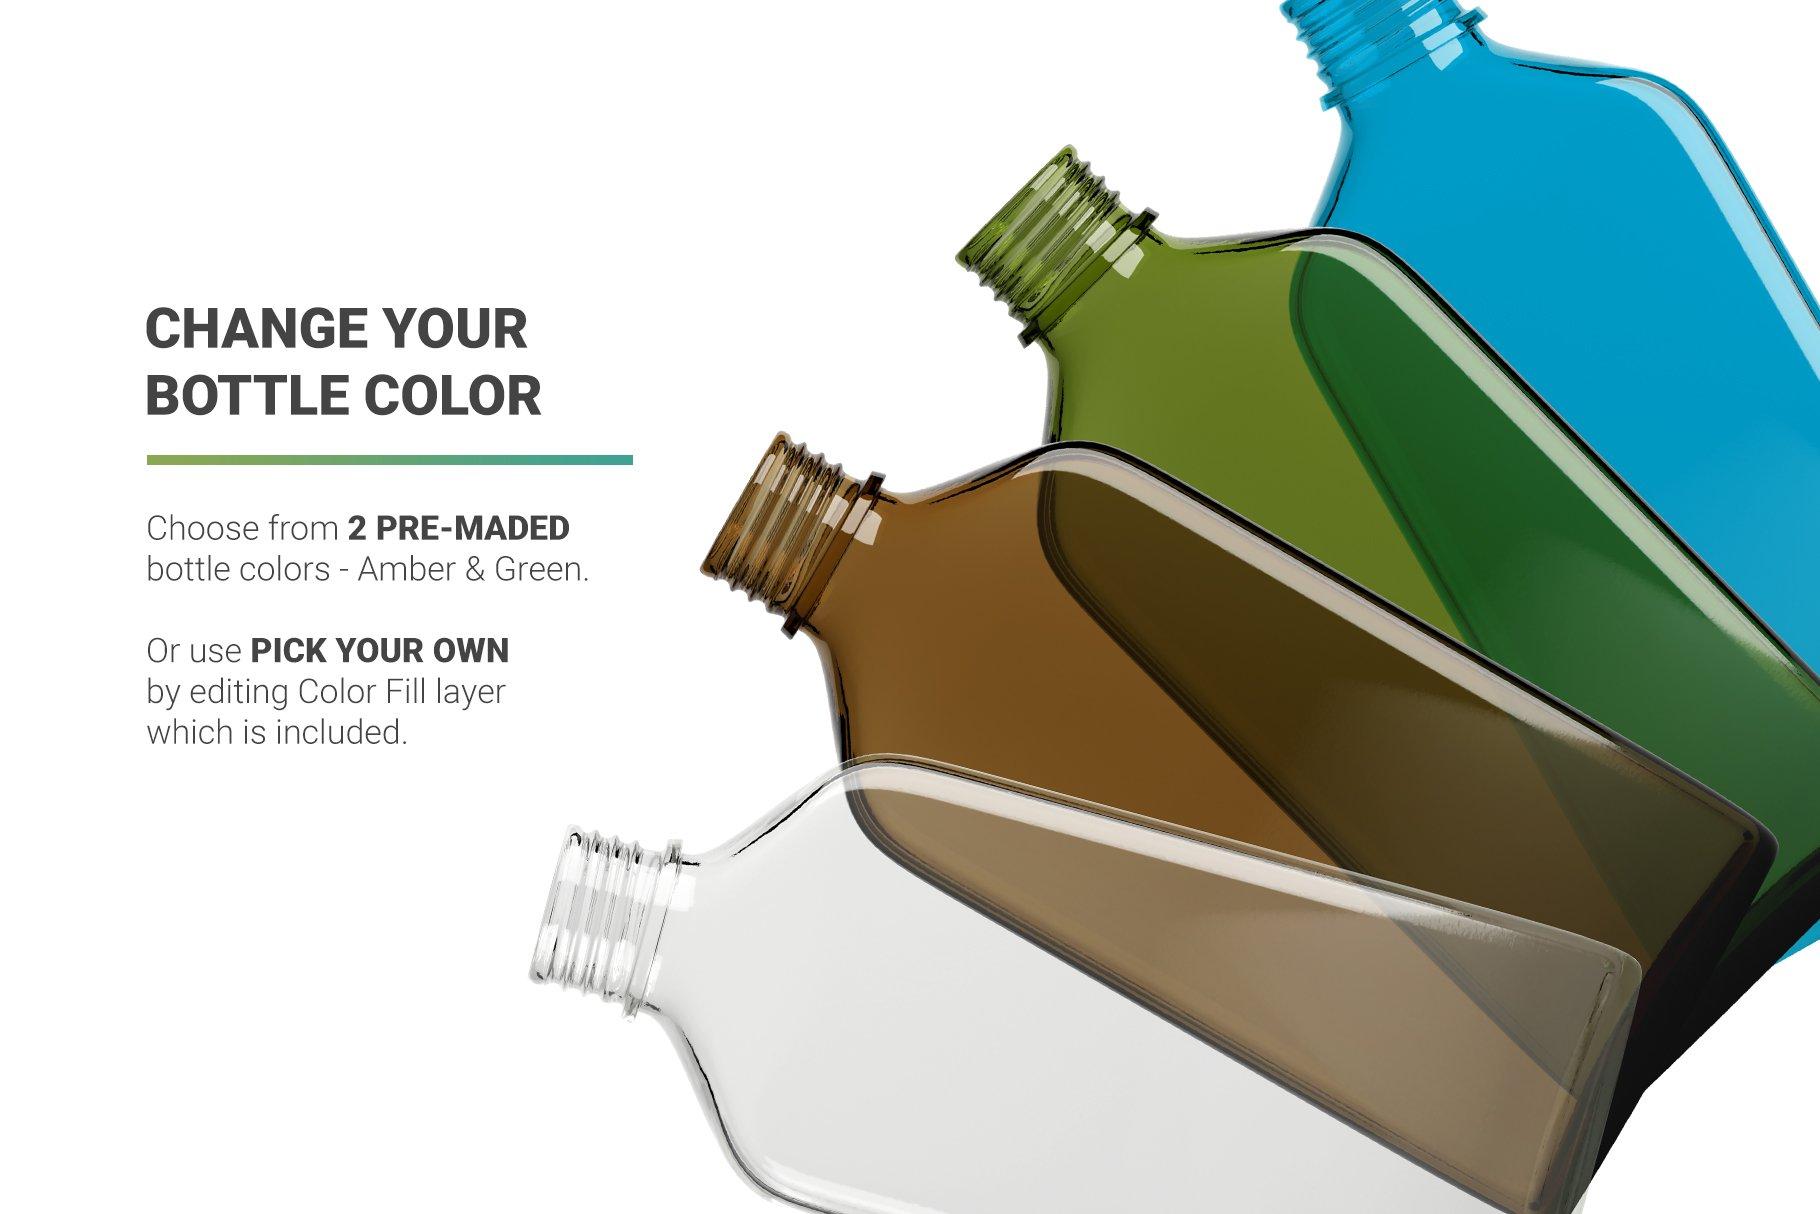 冷冲泡咖啡玻璃瓶标签设计展示贴图样机 Coffee Bottle Mockup插图3